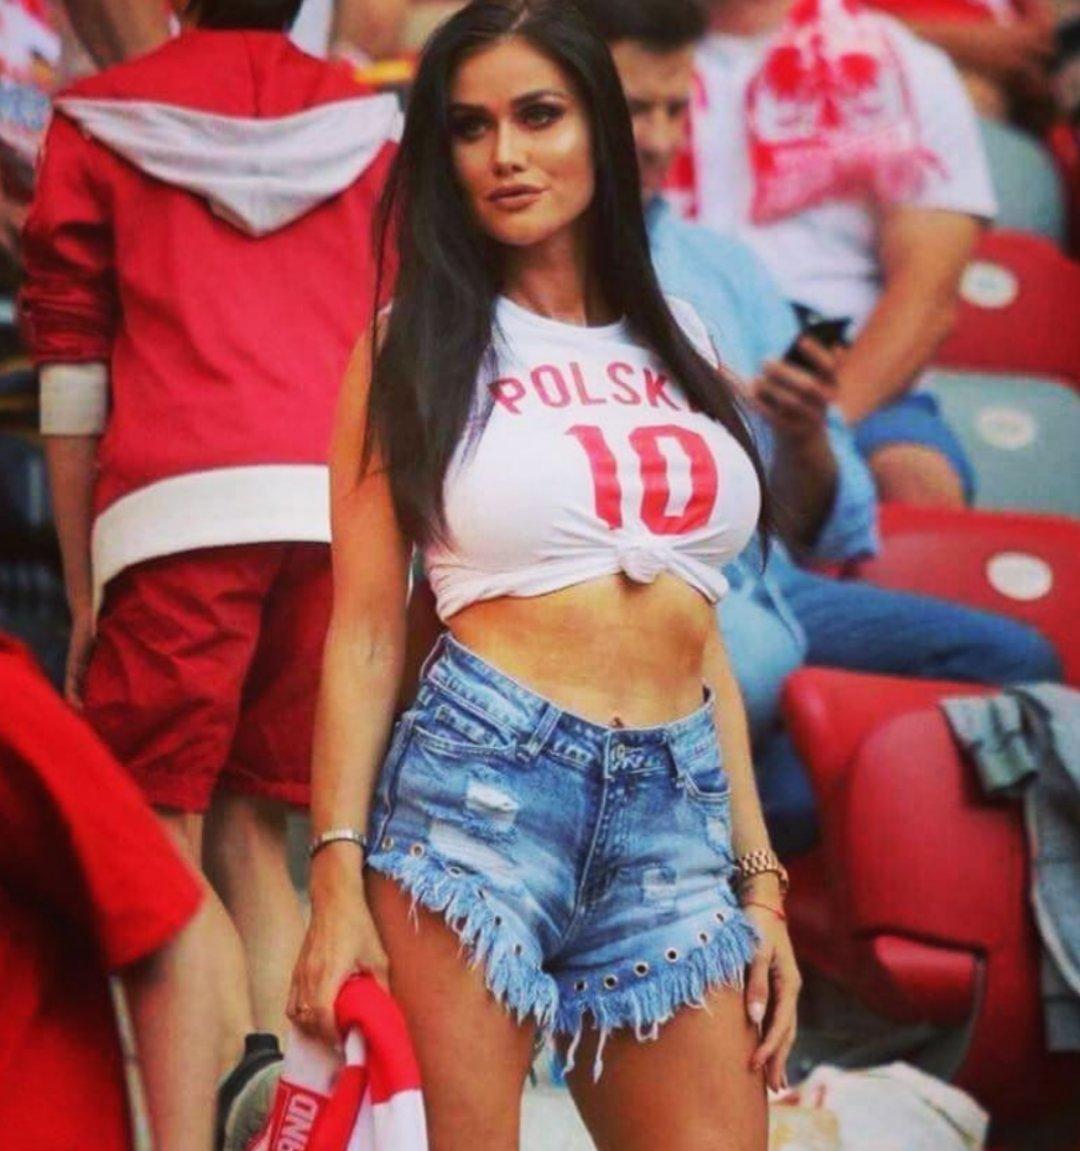 和世界杯抢男票,只能赢在穿搭上!